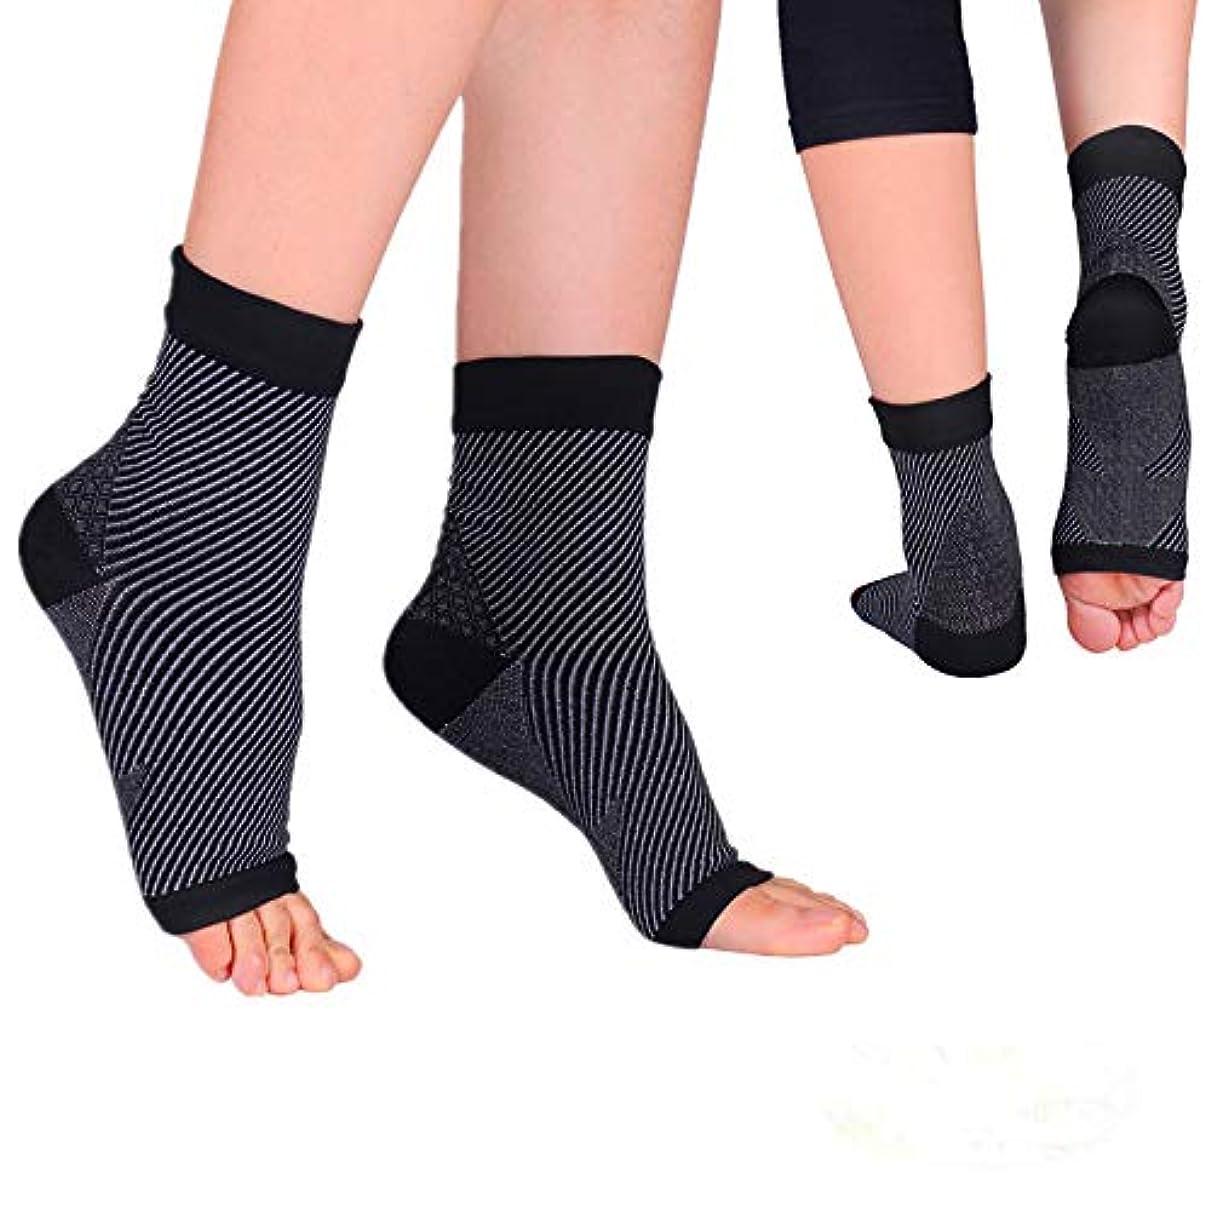 流用するステップオフセット通気性足首ソックス 足 サポーター 足首固定足の腫れを軽減する-2枚組